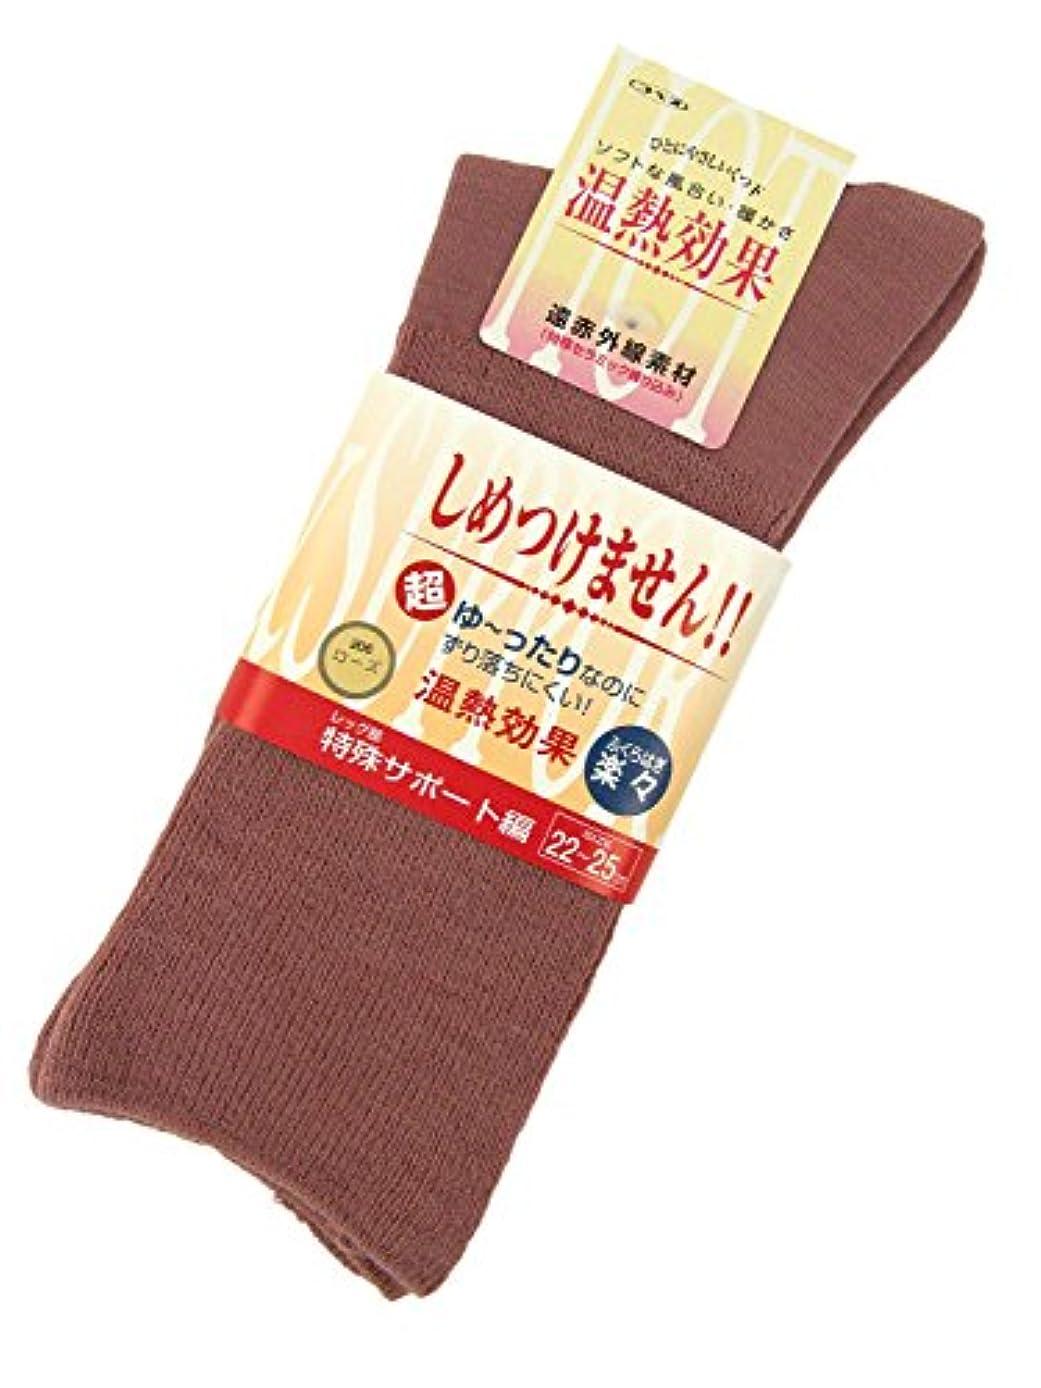 悪意のある写真ストレスの多い神戸生絲 ふくらはぎ楽らくソックス 婦人 秋冬用 ローズ 3900 ローズ